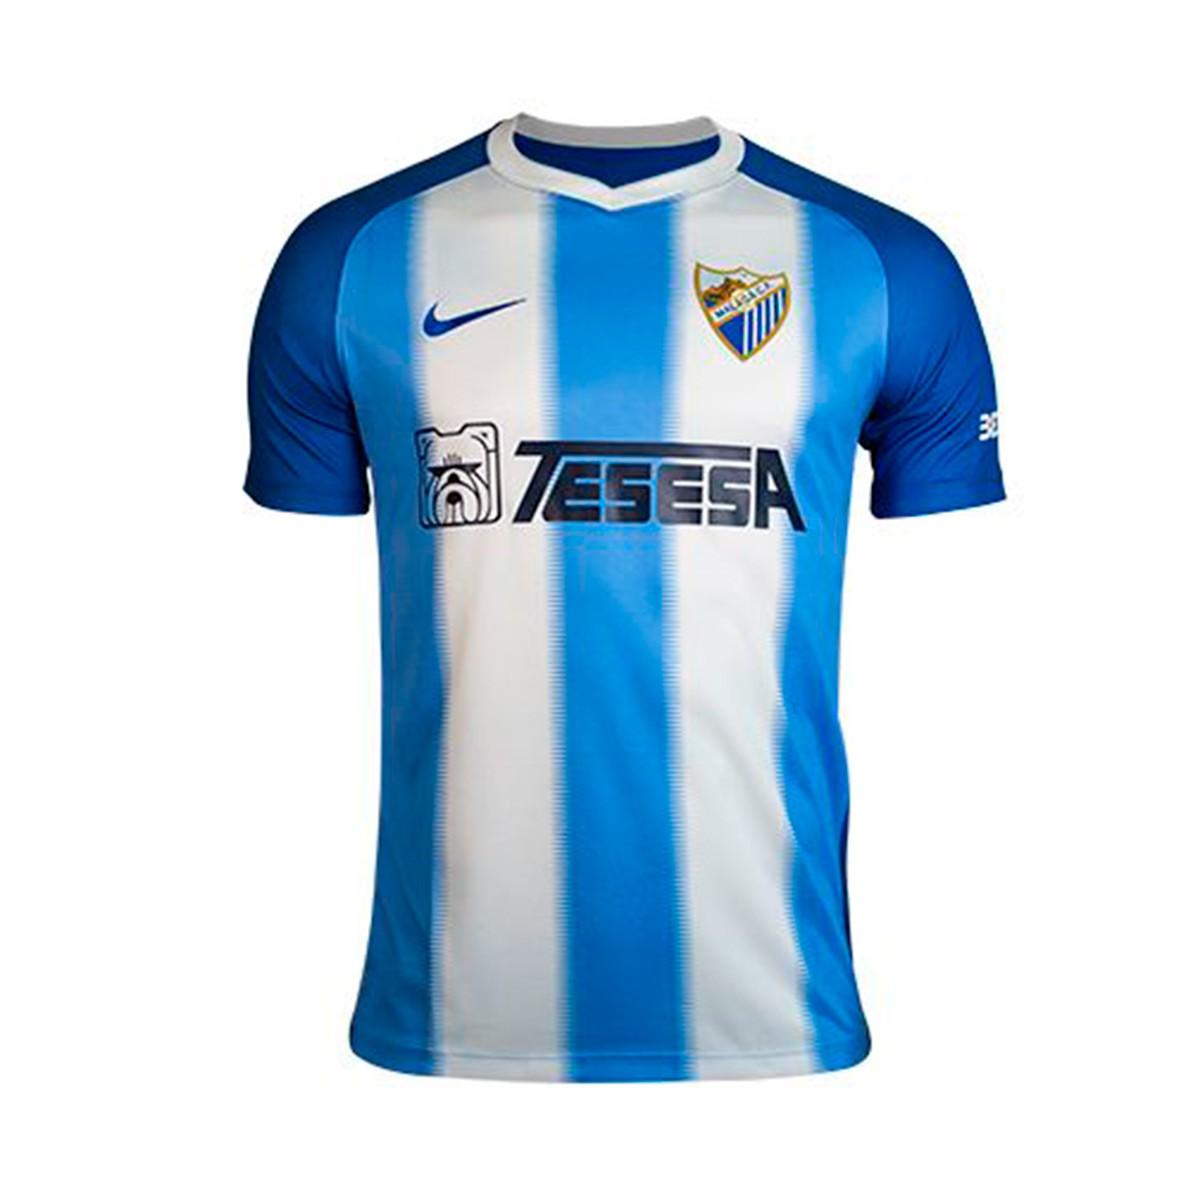 4bb45facaf Camiseta Nike Málaga CF Primera Equipación 2018-2019 Niño Blanco-Azul -  Soloporteros es ahora Fútbol Emotion